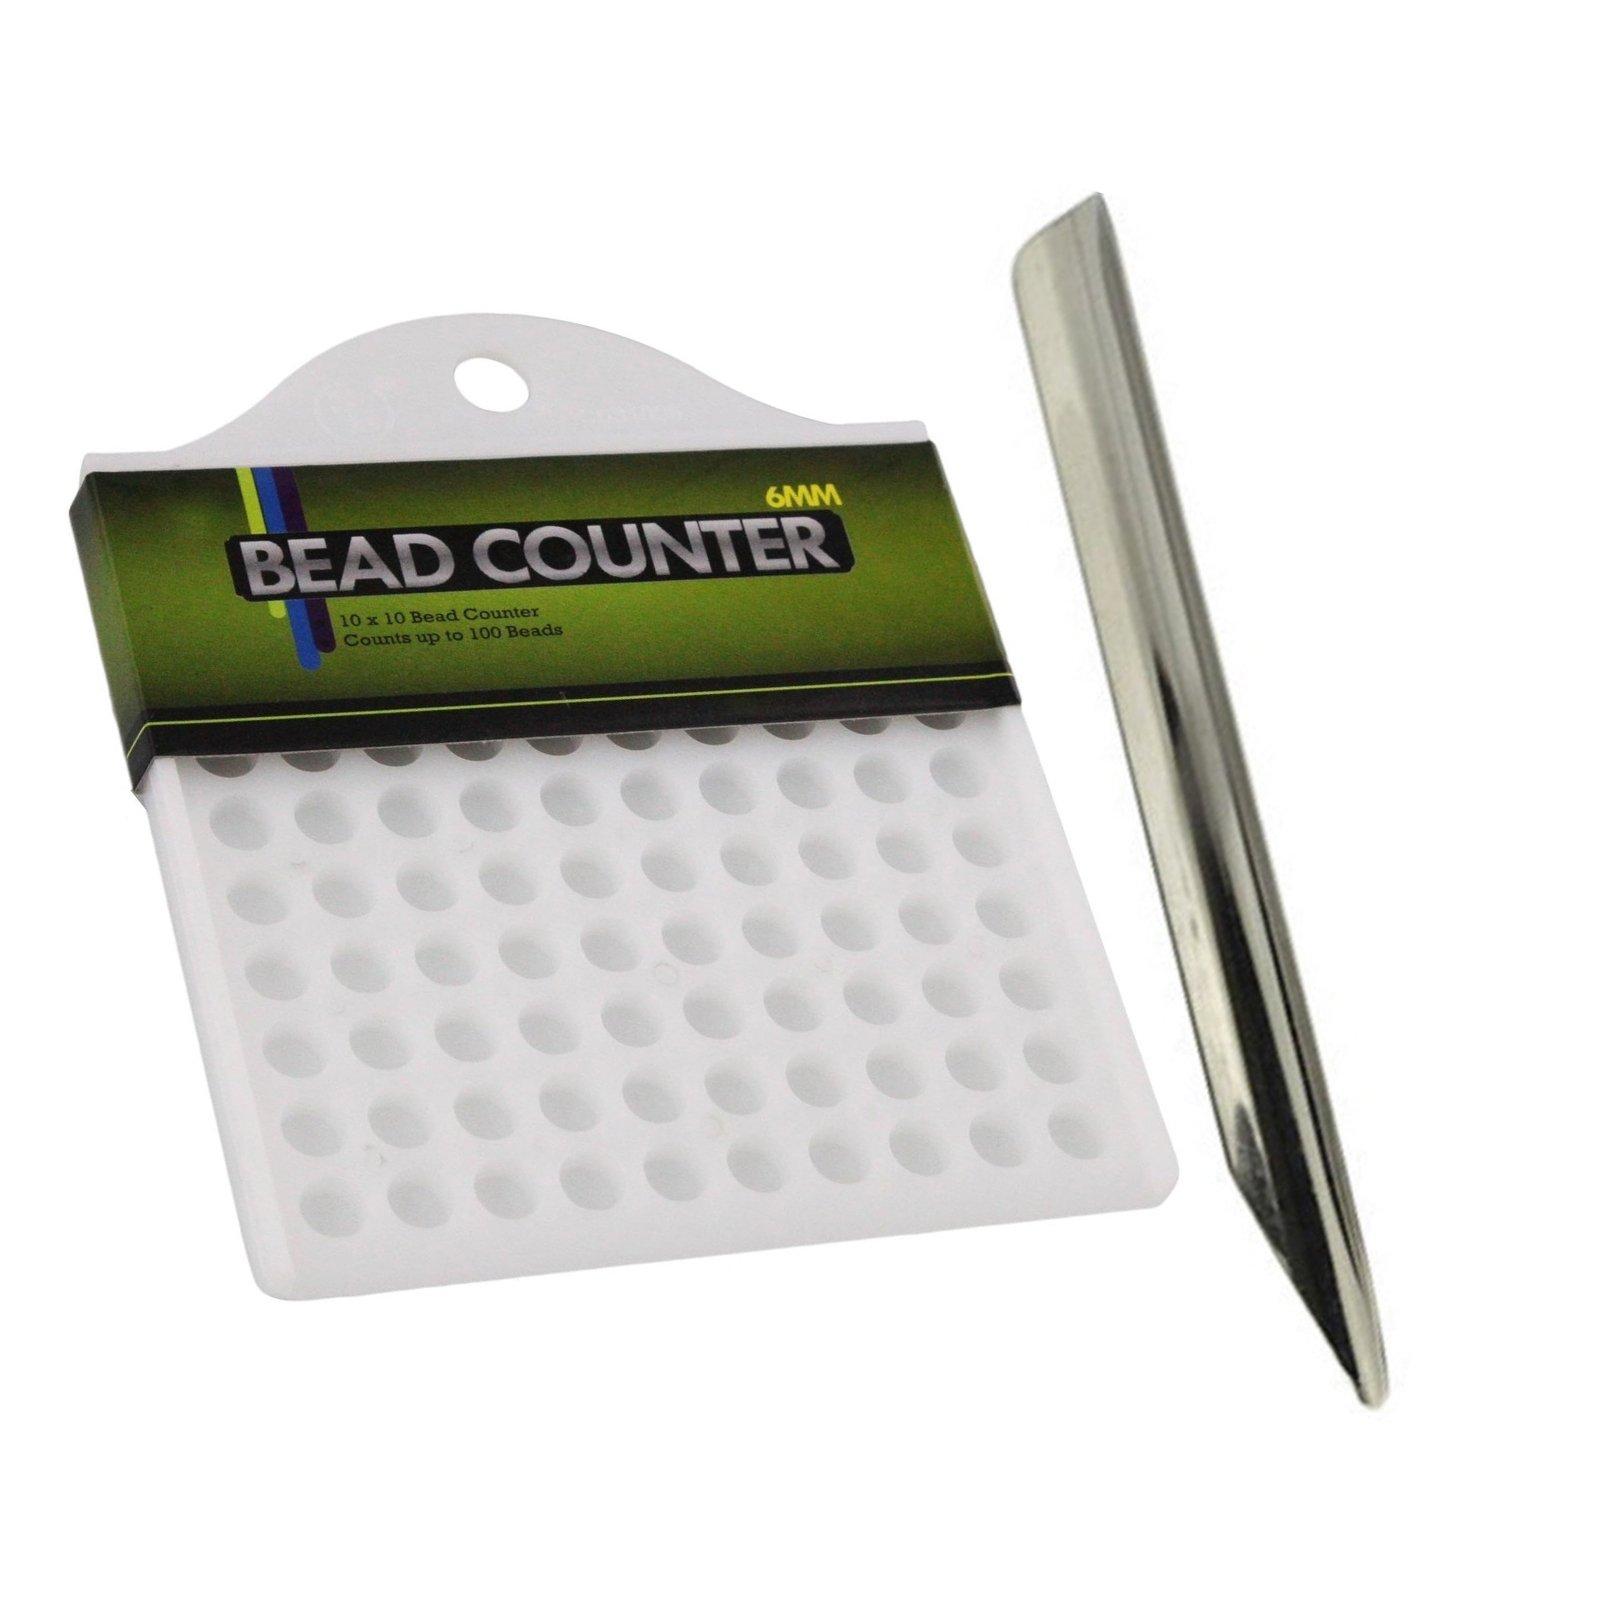 100 Count Bead Counter 6mm Diameter Jewelry Making Sorter & Bead Scoop Set